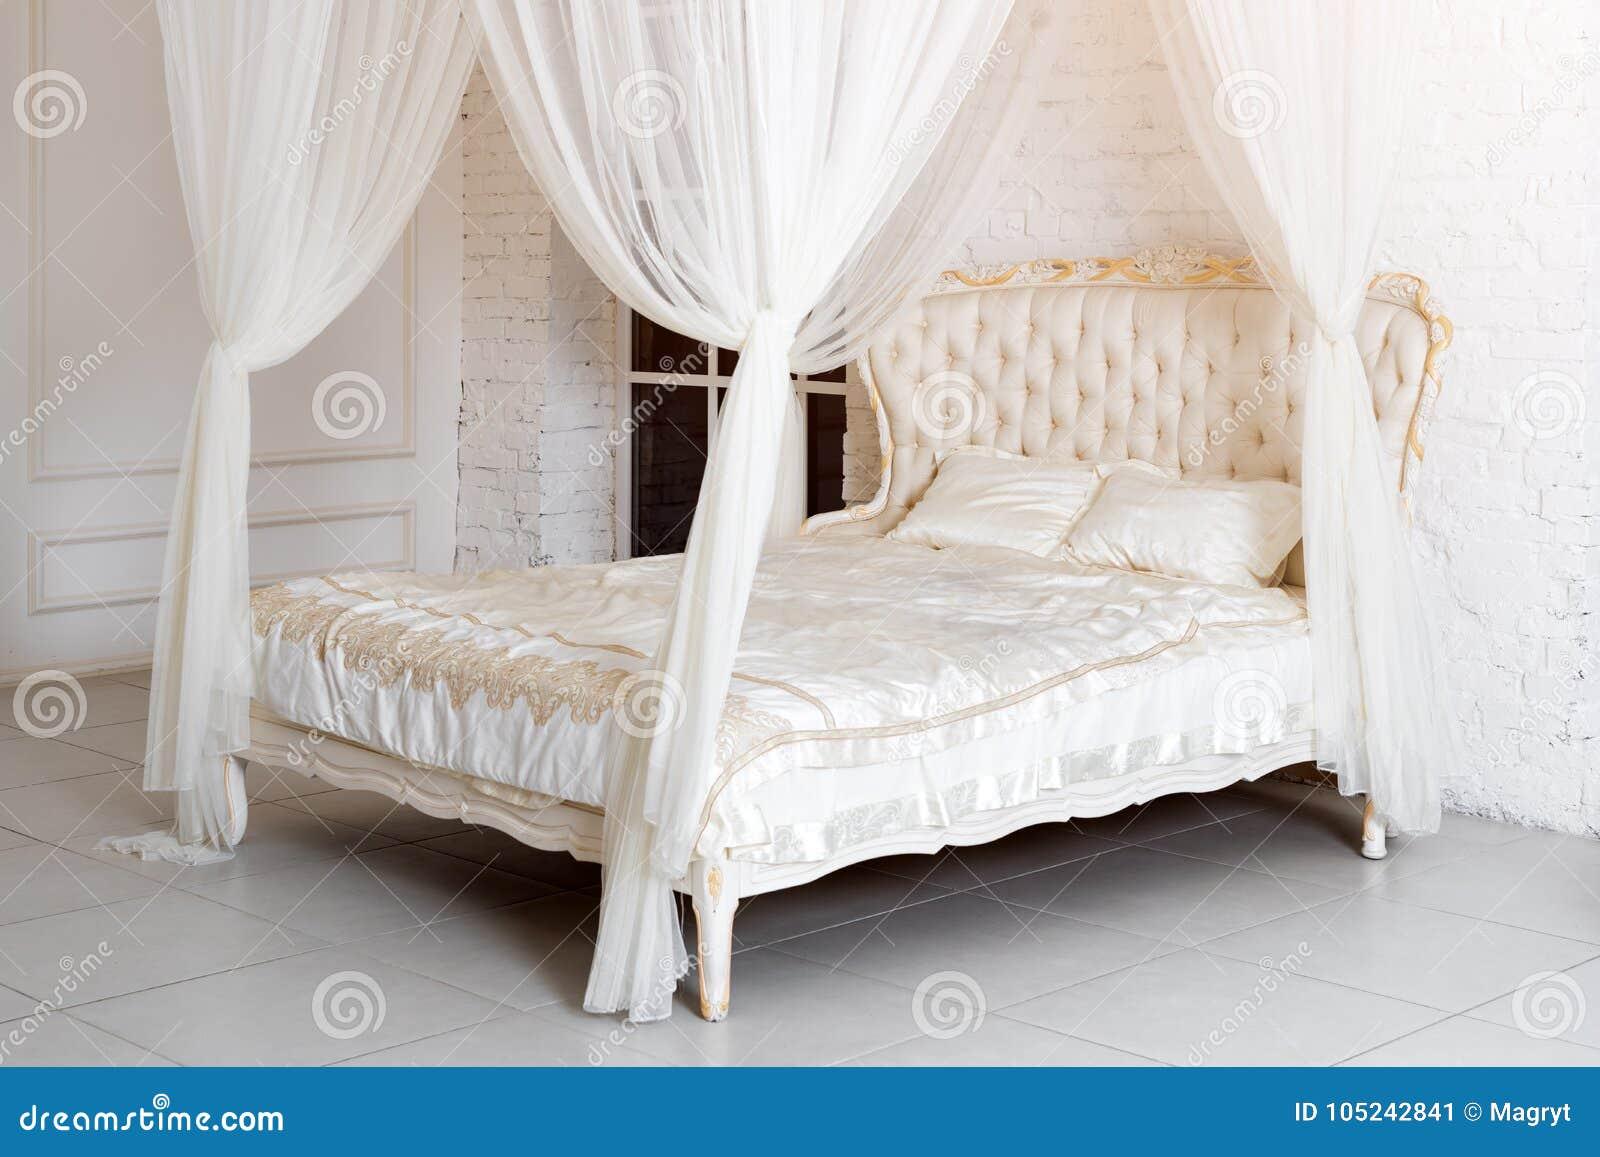 Hochwertig Download Schlafzimmer In Den Weichen Hellen Farben Großes Bequemes  Doppelbett Mit Vier Plakaten Im Eleganten Klassischen